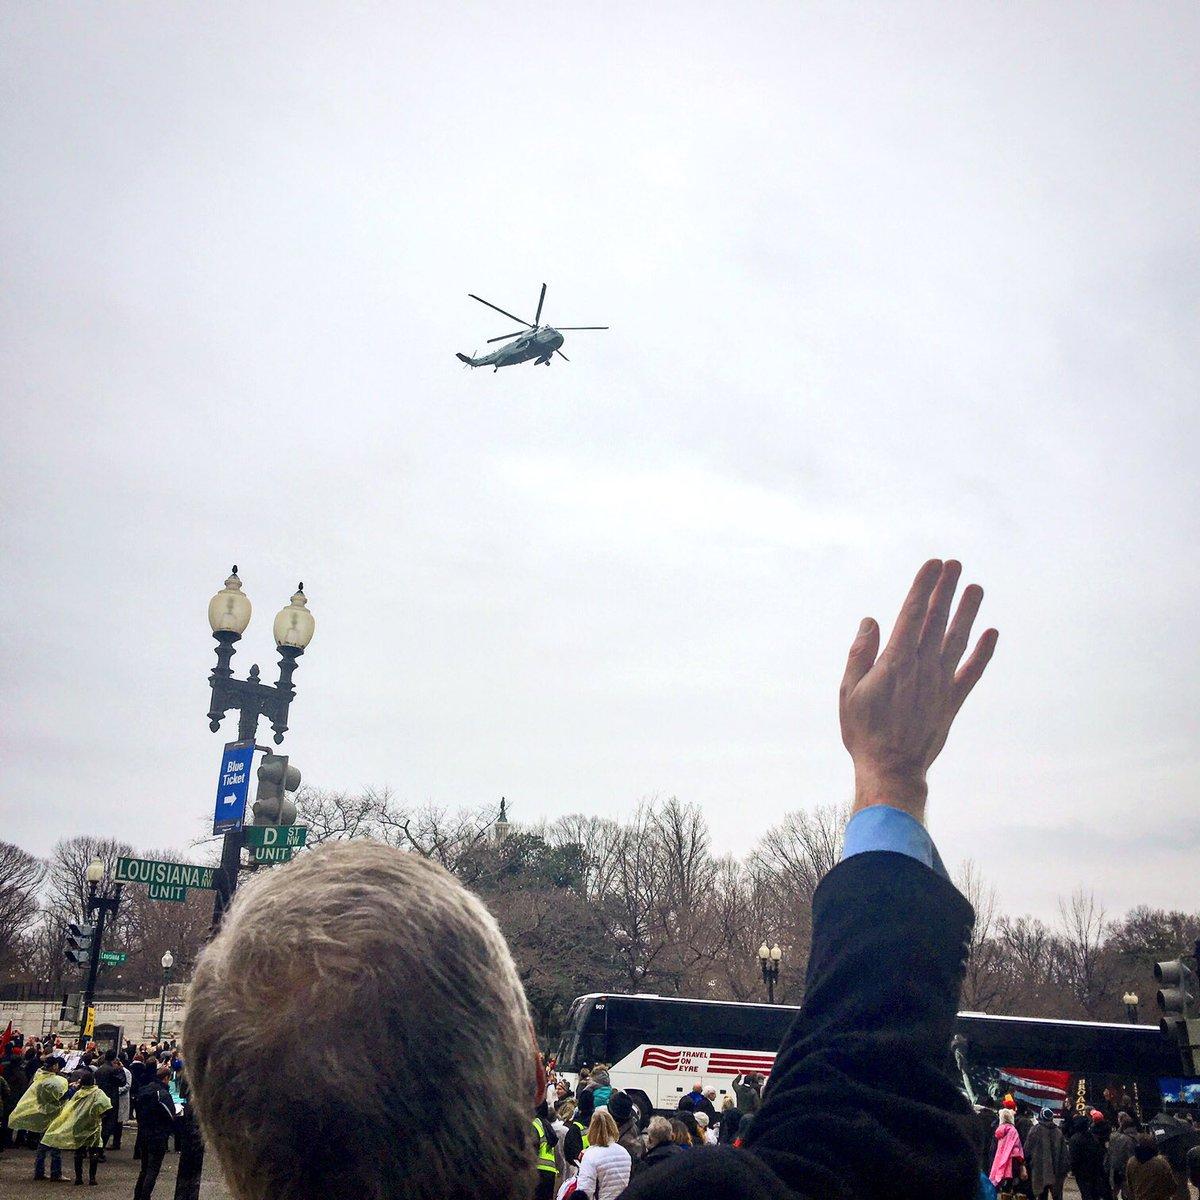 Goodbye Obama. https://t.co/792I299nN0